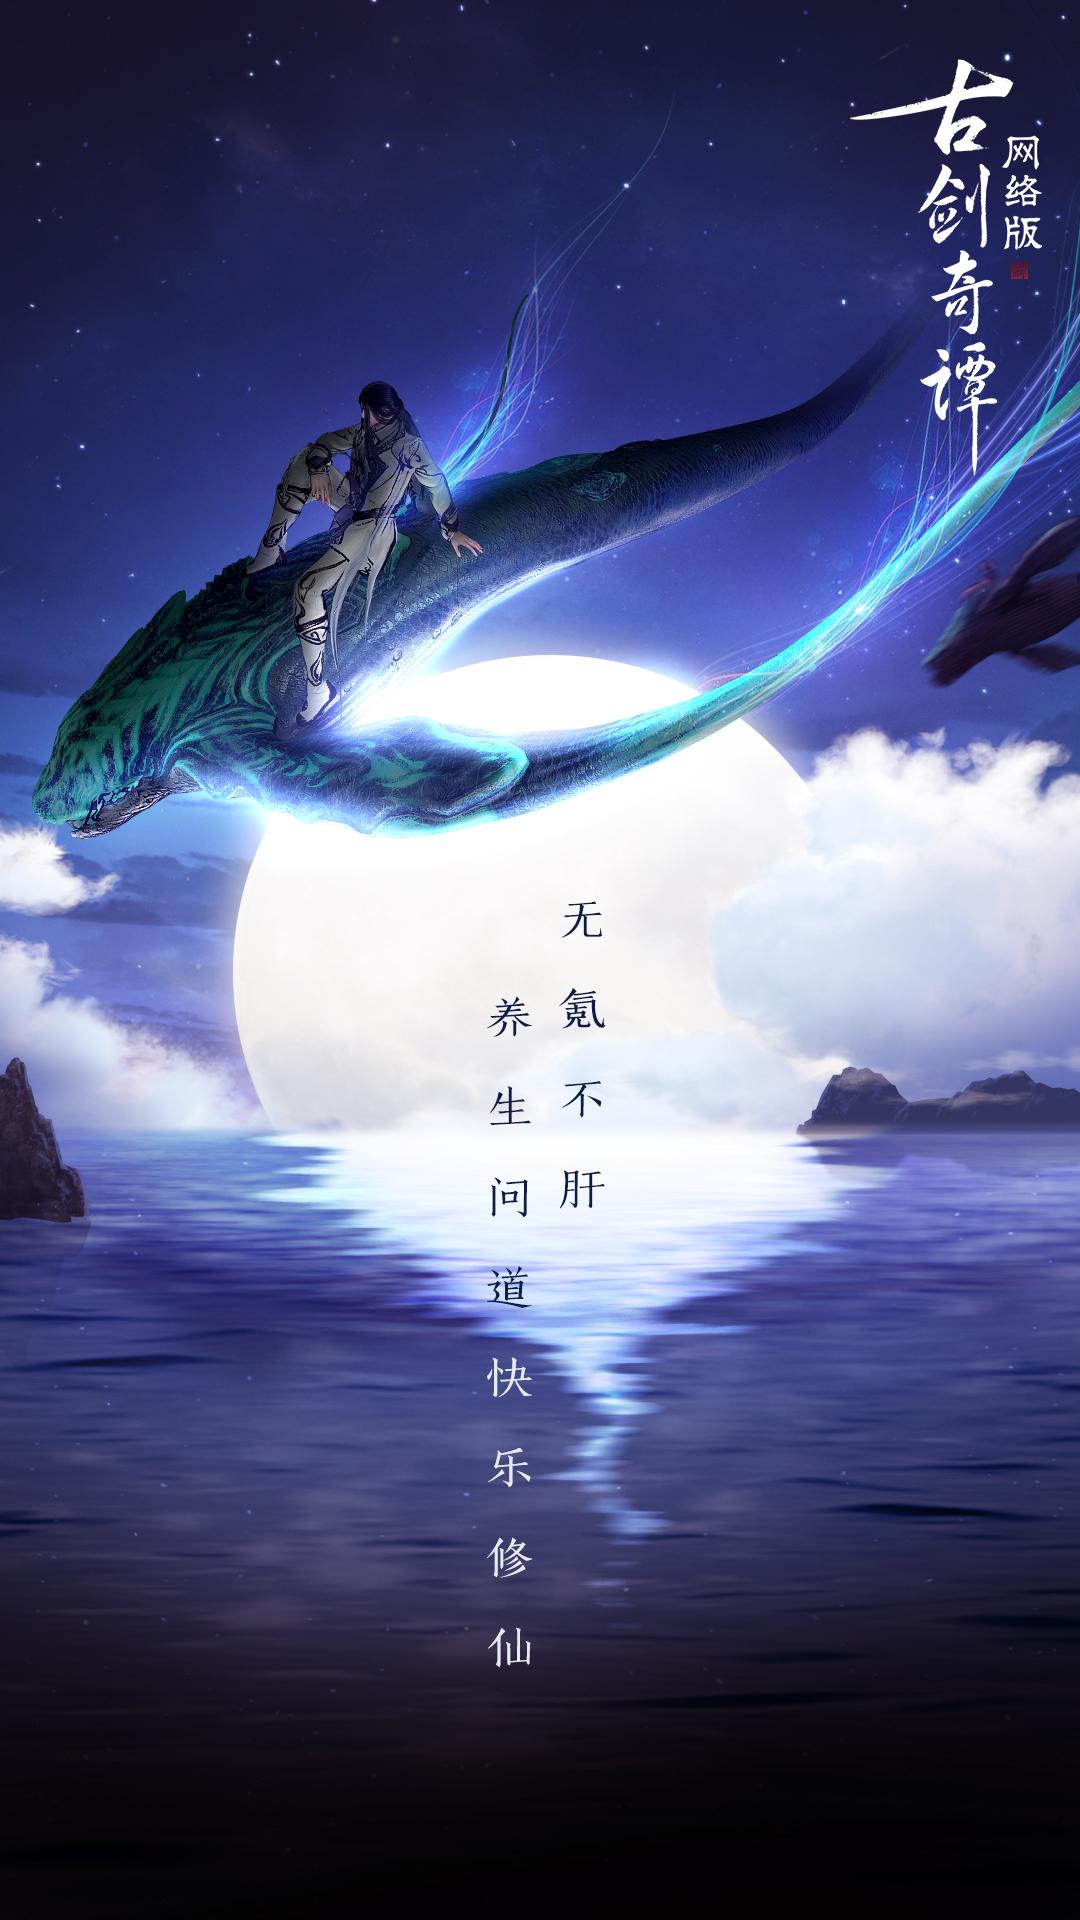 图020无氪不肝 (2).jpg